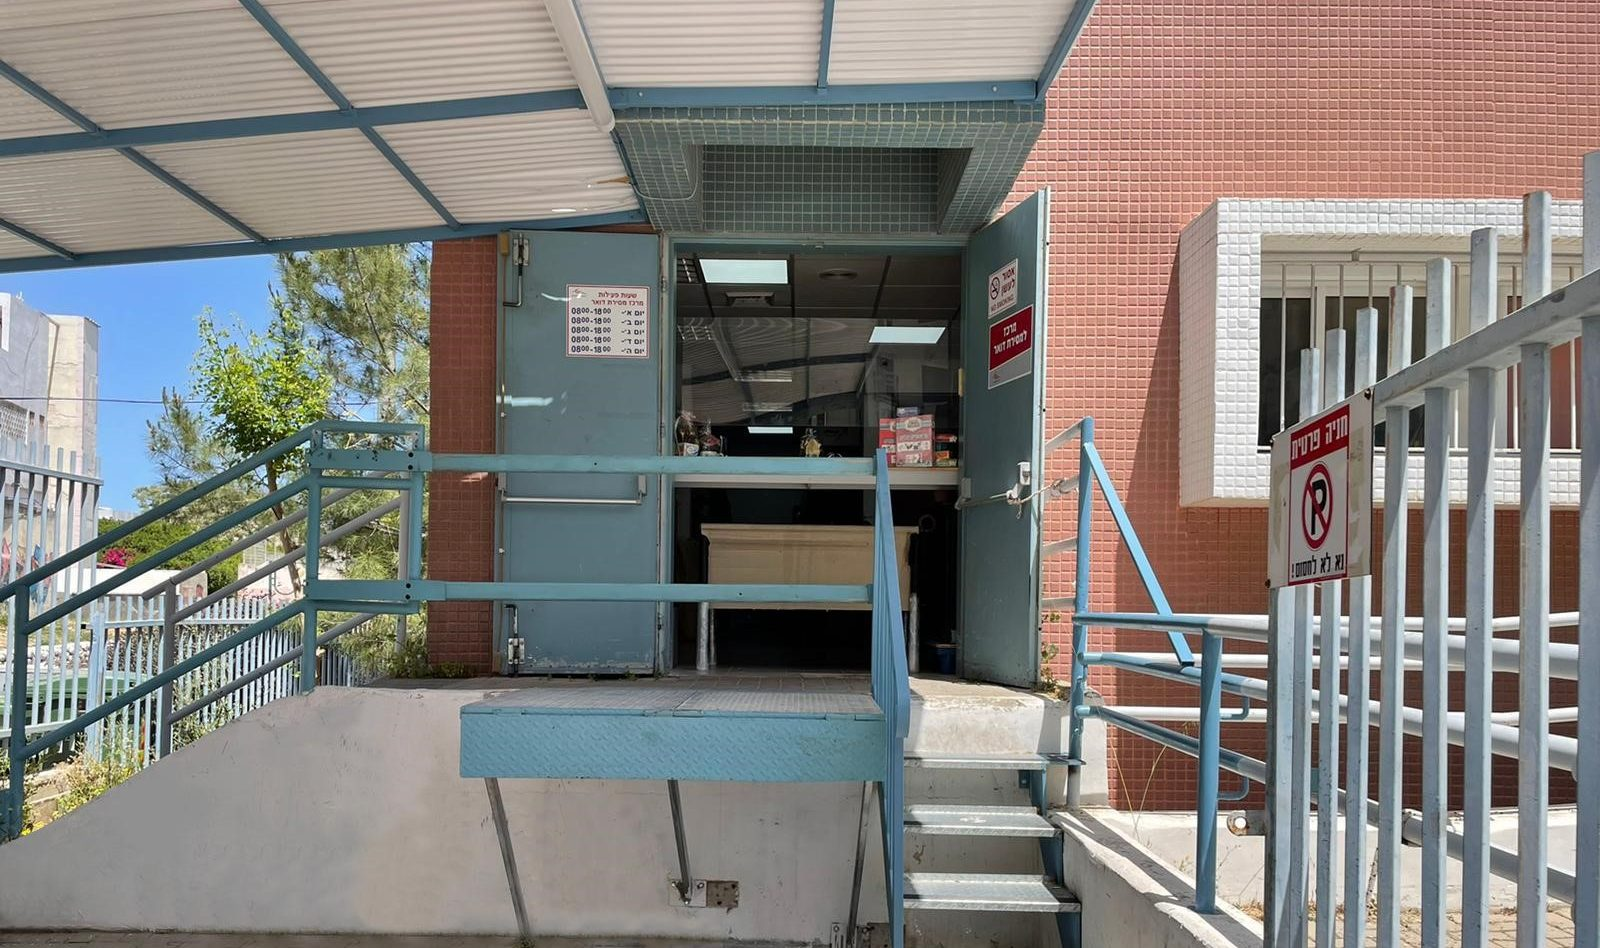 מרכז מסירה בית מינה. צילום: דוברות עיריית אשדוד